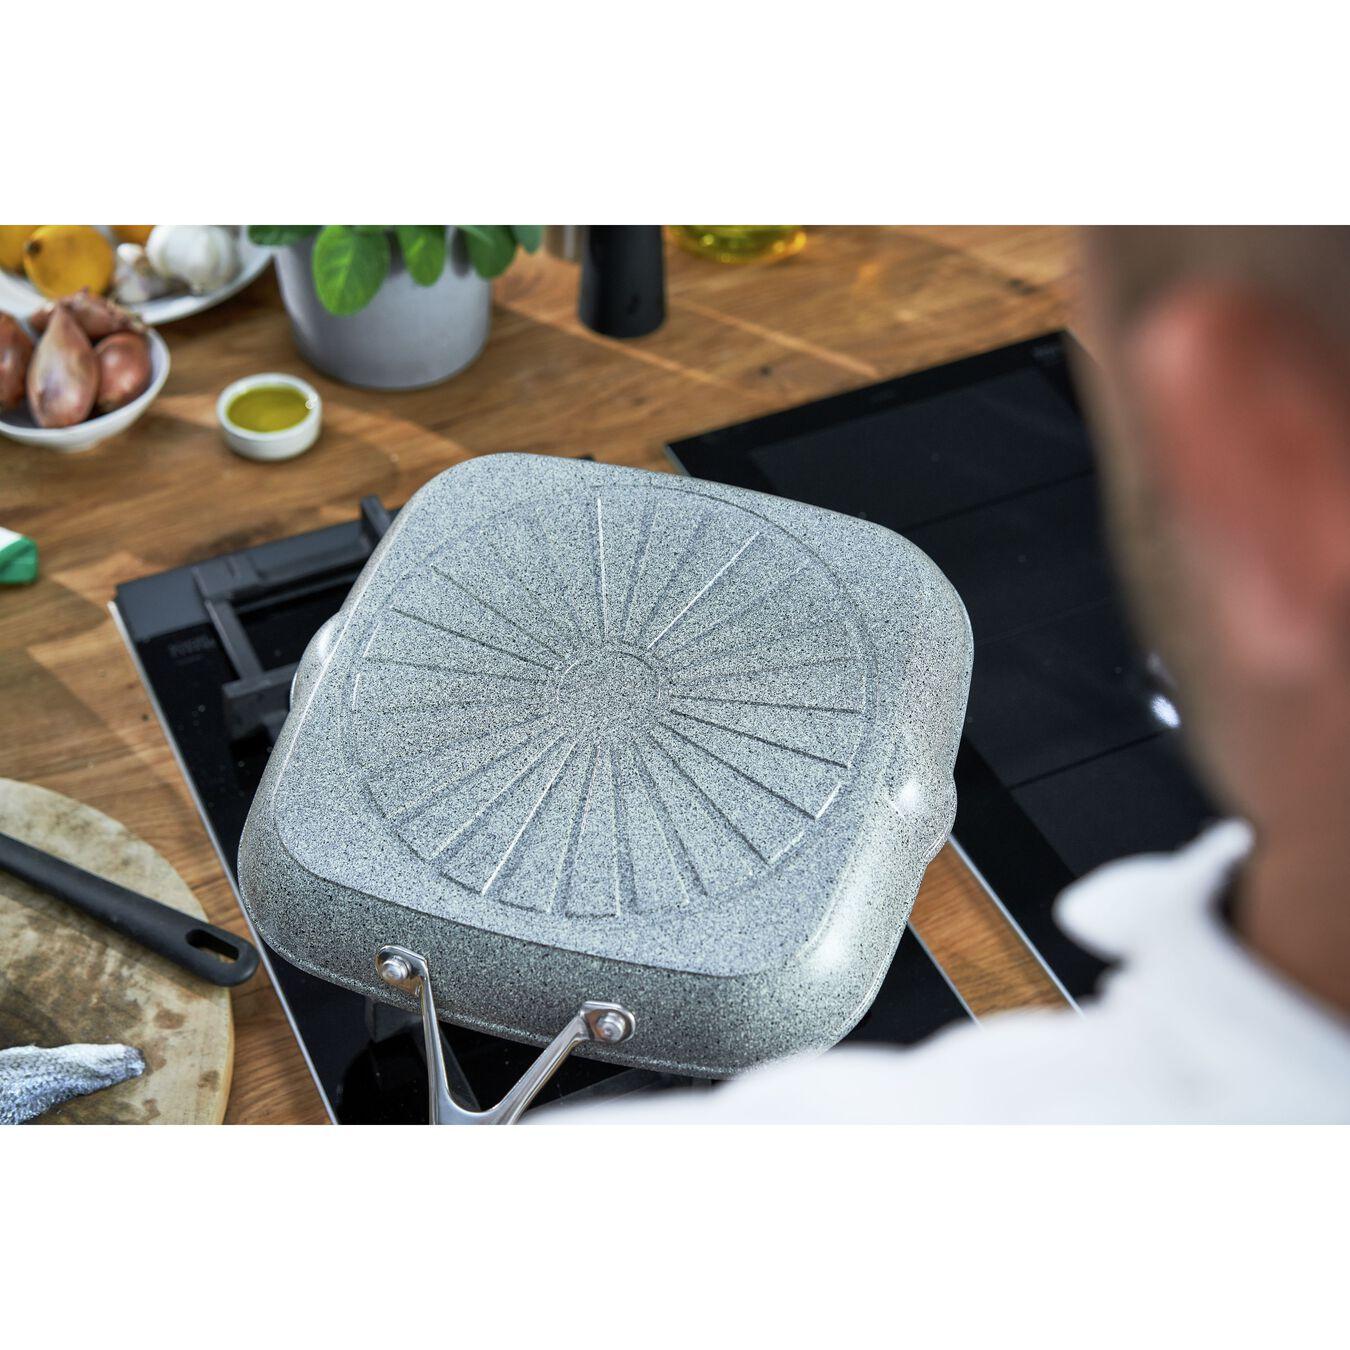 28 cm / 11 inch aluminium square Grill pan,,large 4